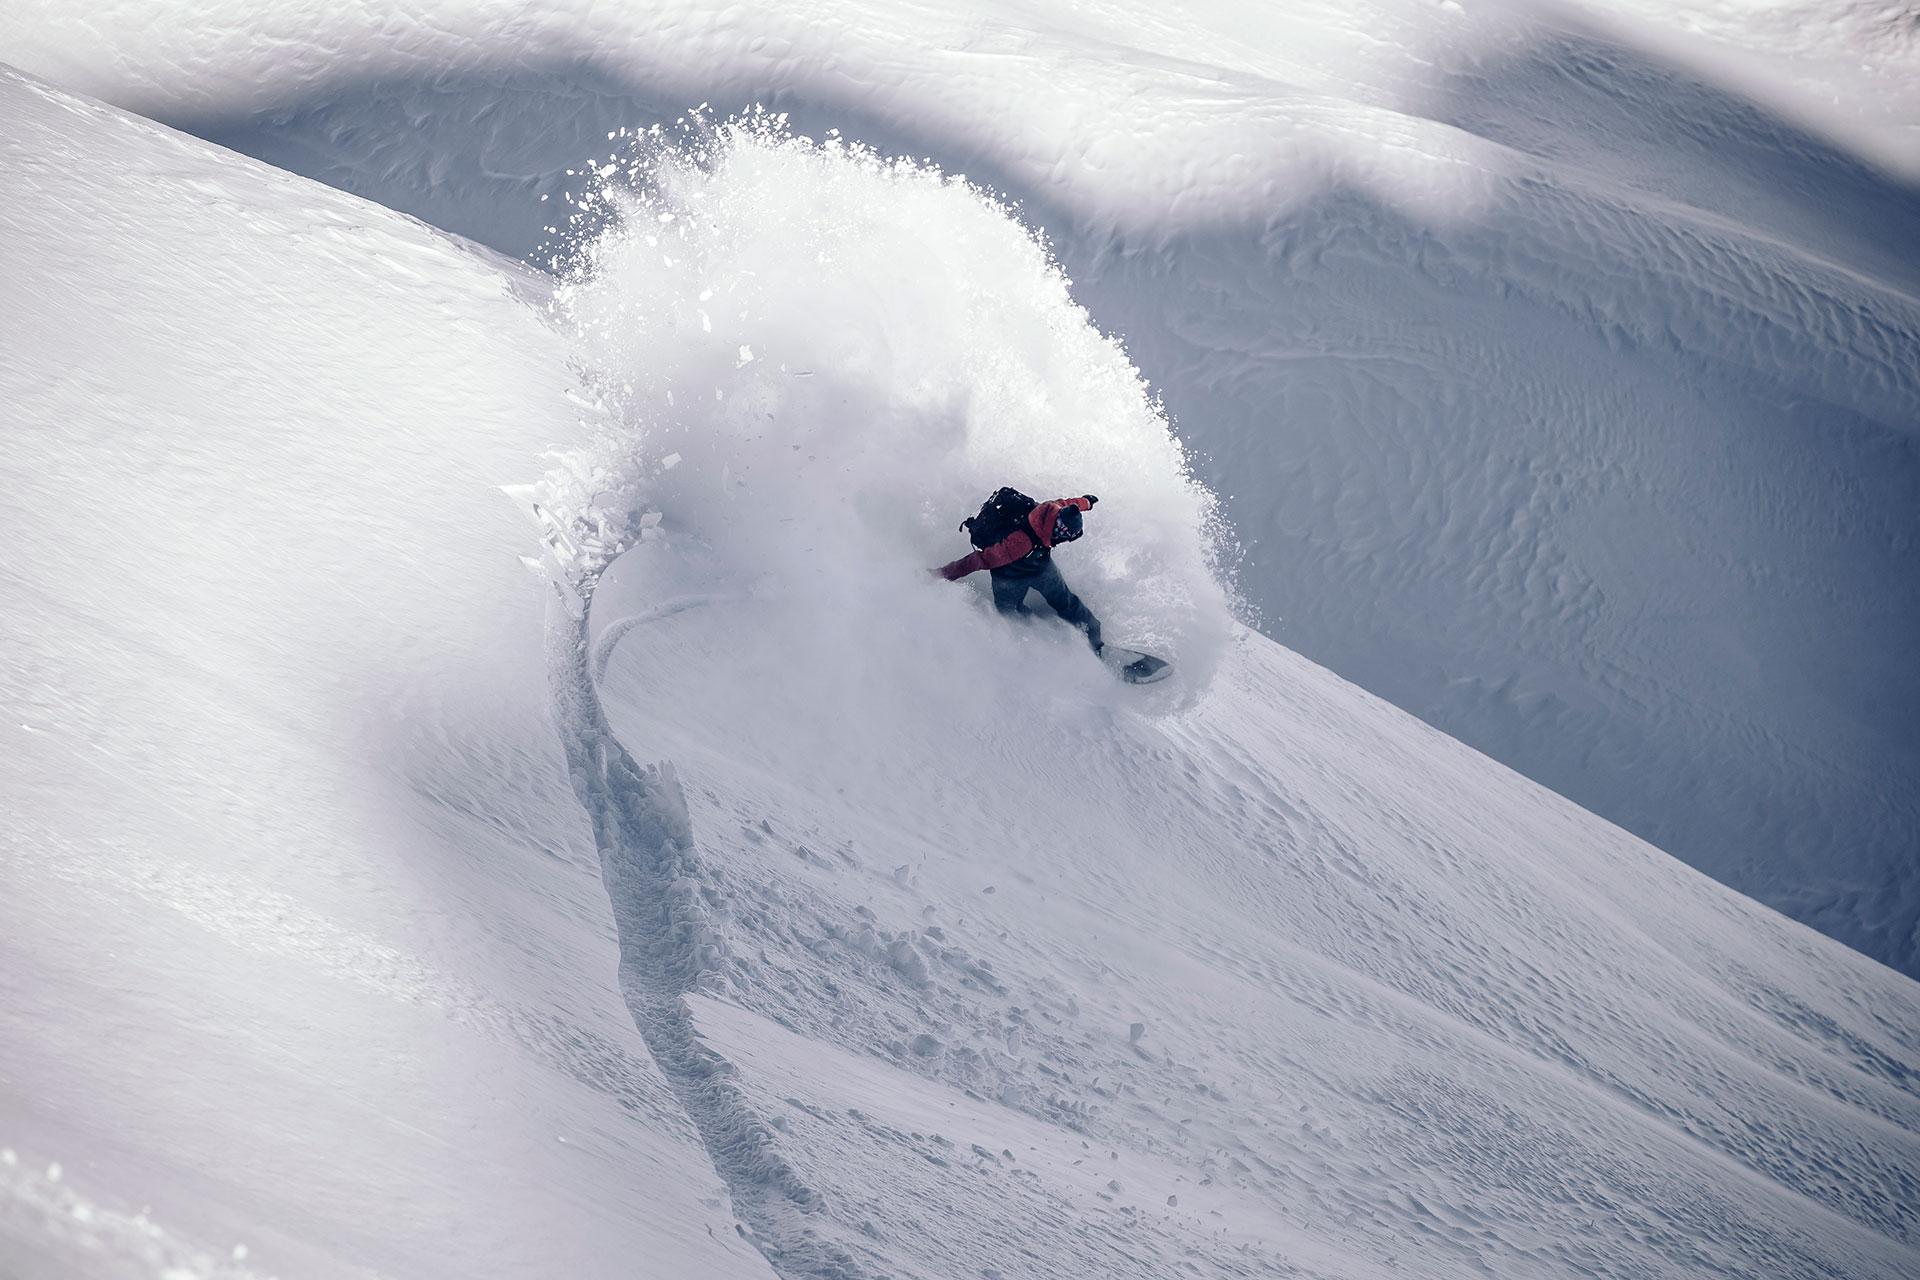 Snowboard Fotograf Ski Tiefschnee Powder Outdoor Sport Aktion Fitness Michael Müller Salzburg